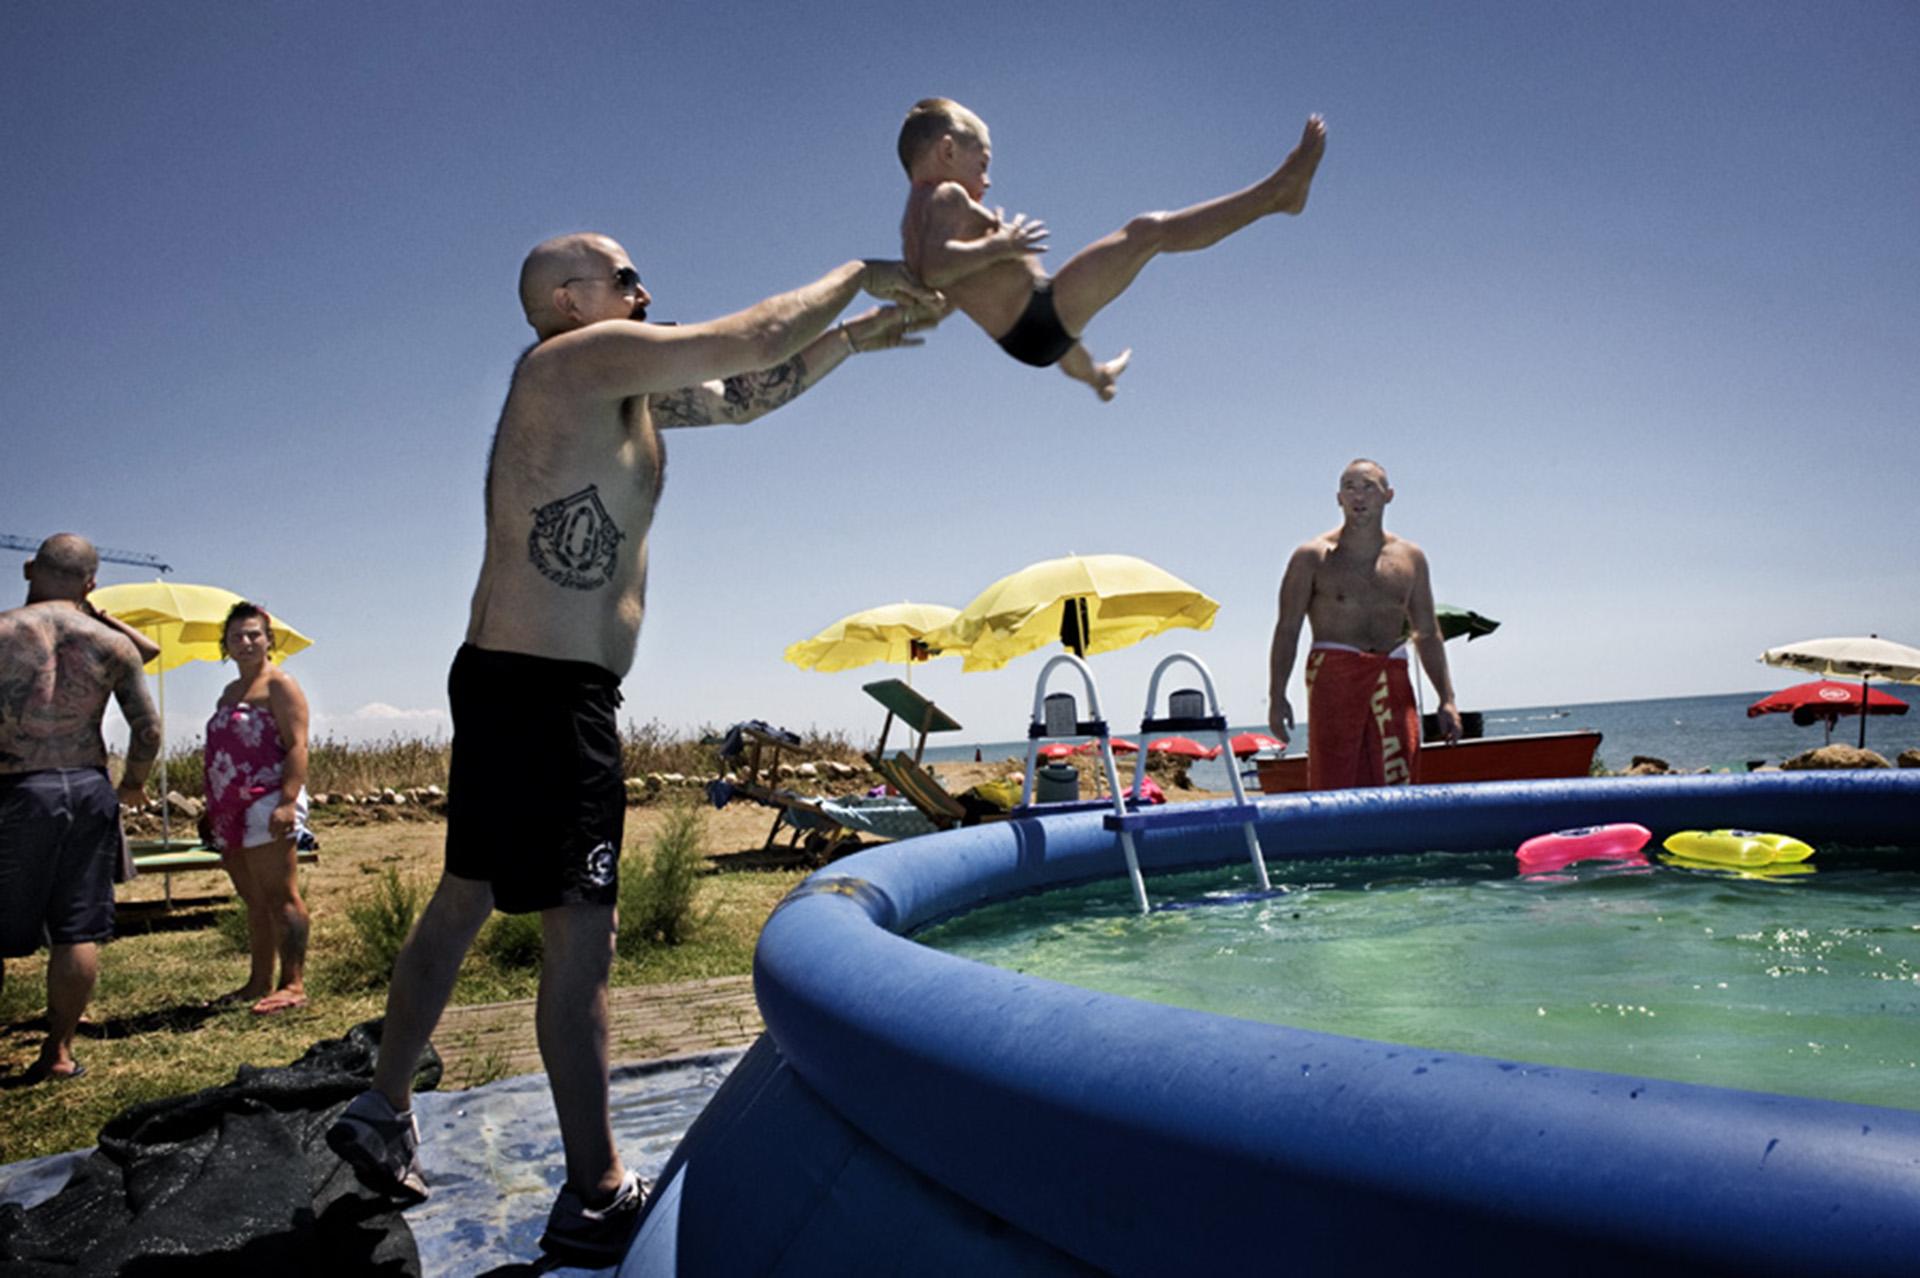 """Jamie,""""El cisne"""", un británico de 31 años, lanza a su hijo a una piscina inflable en un encuentro de skinheads europeos en Italia"""